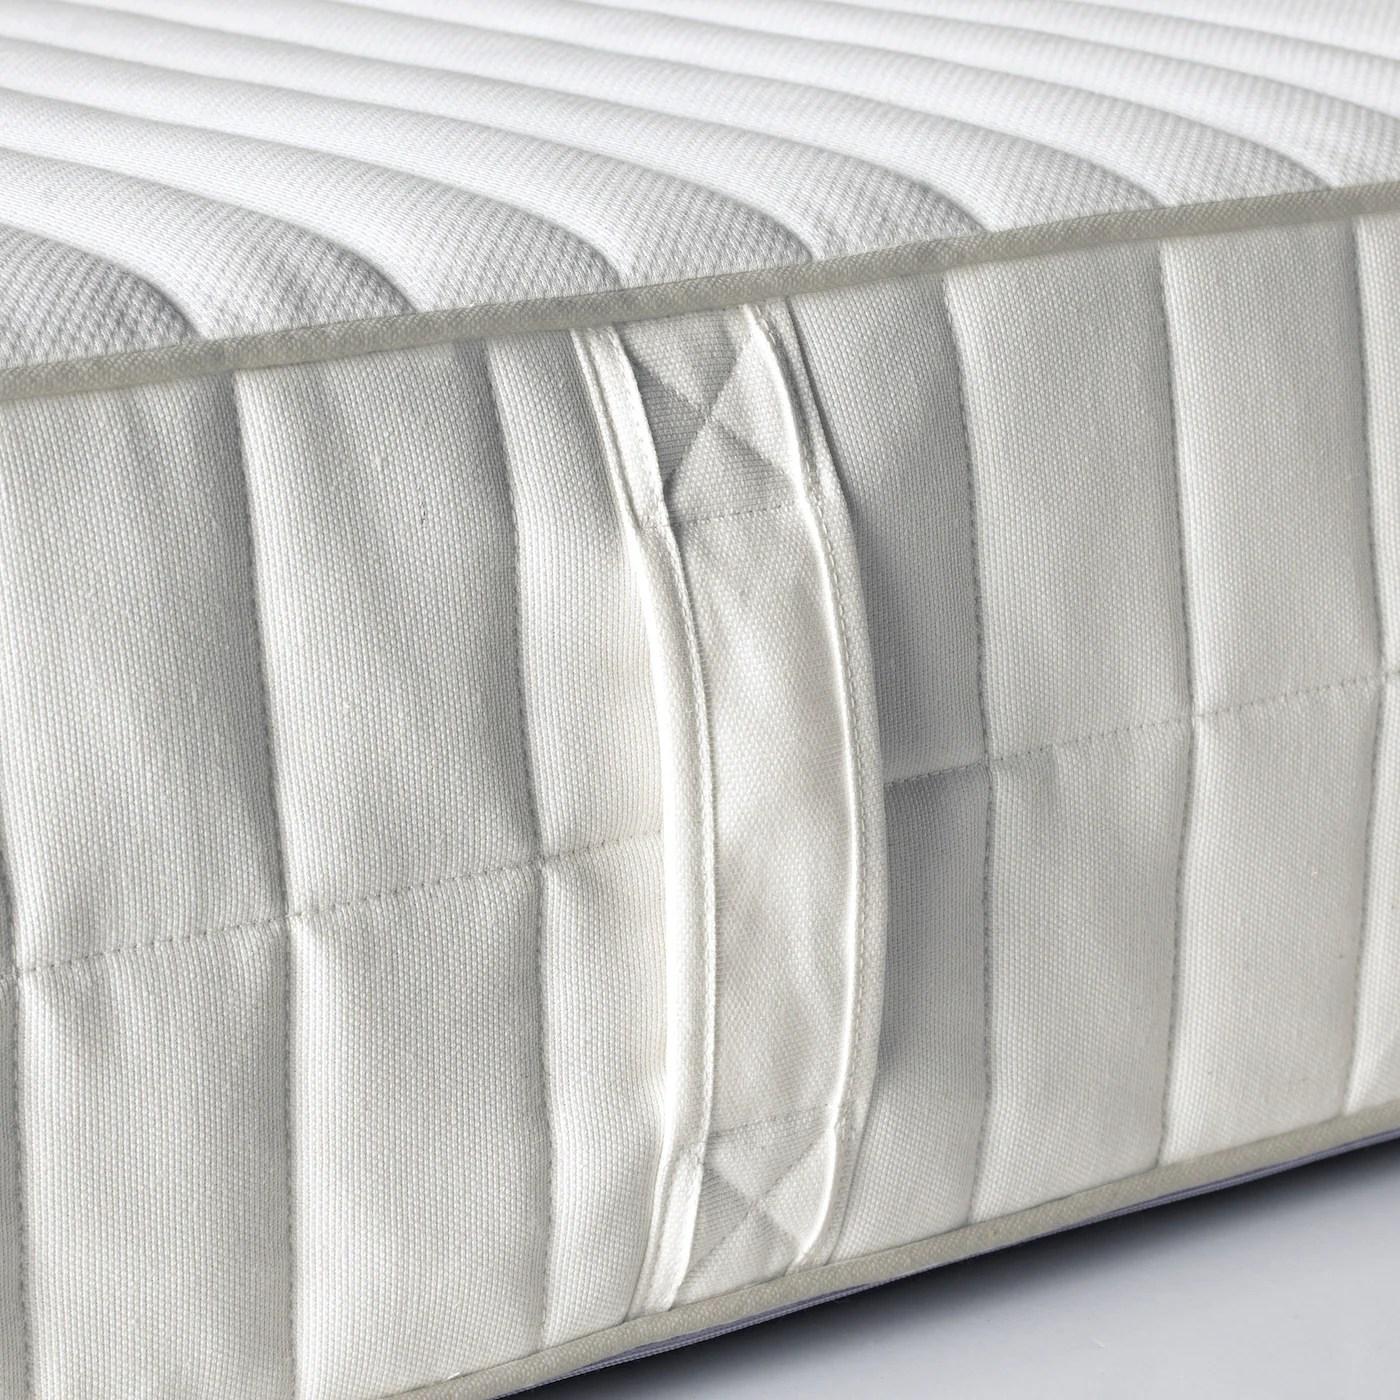 Myrbacka Matelas En Mousse Memoire De Forme Ferme Blanc 140x200 Cm Ikea